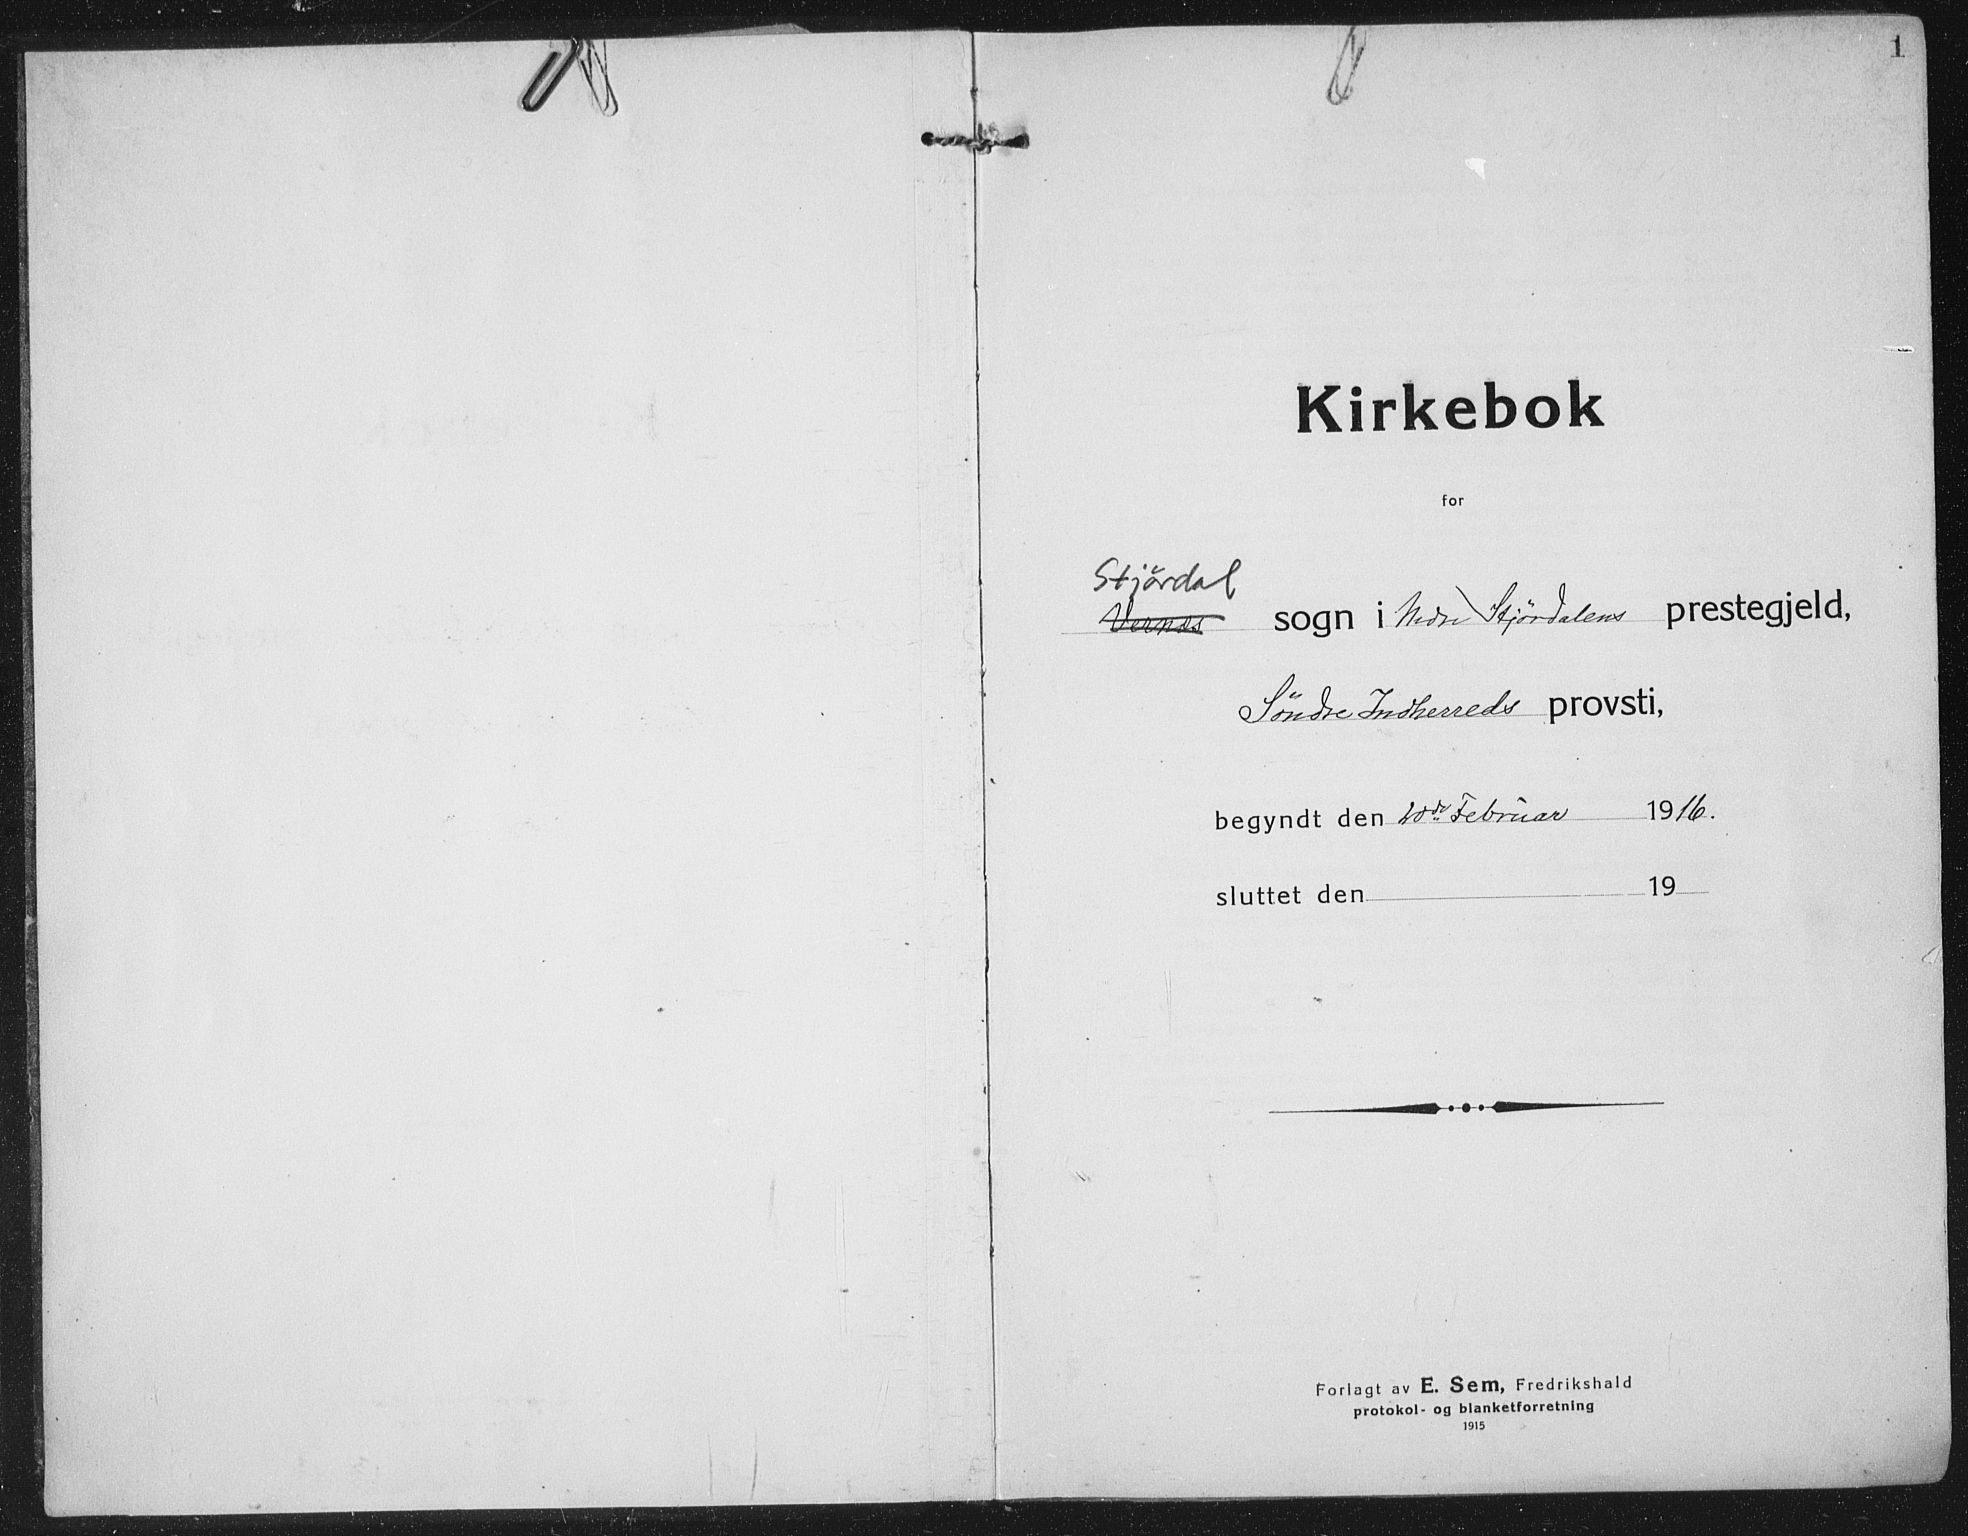 SAT, Ministerialprotokoller, klokkerbøker og fødselsregistre - Nord-Trøndelag, 709/L0083: Ministerialbok nr. 709A23, 1916-1928, s. 1